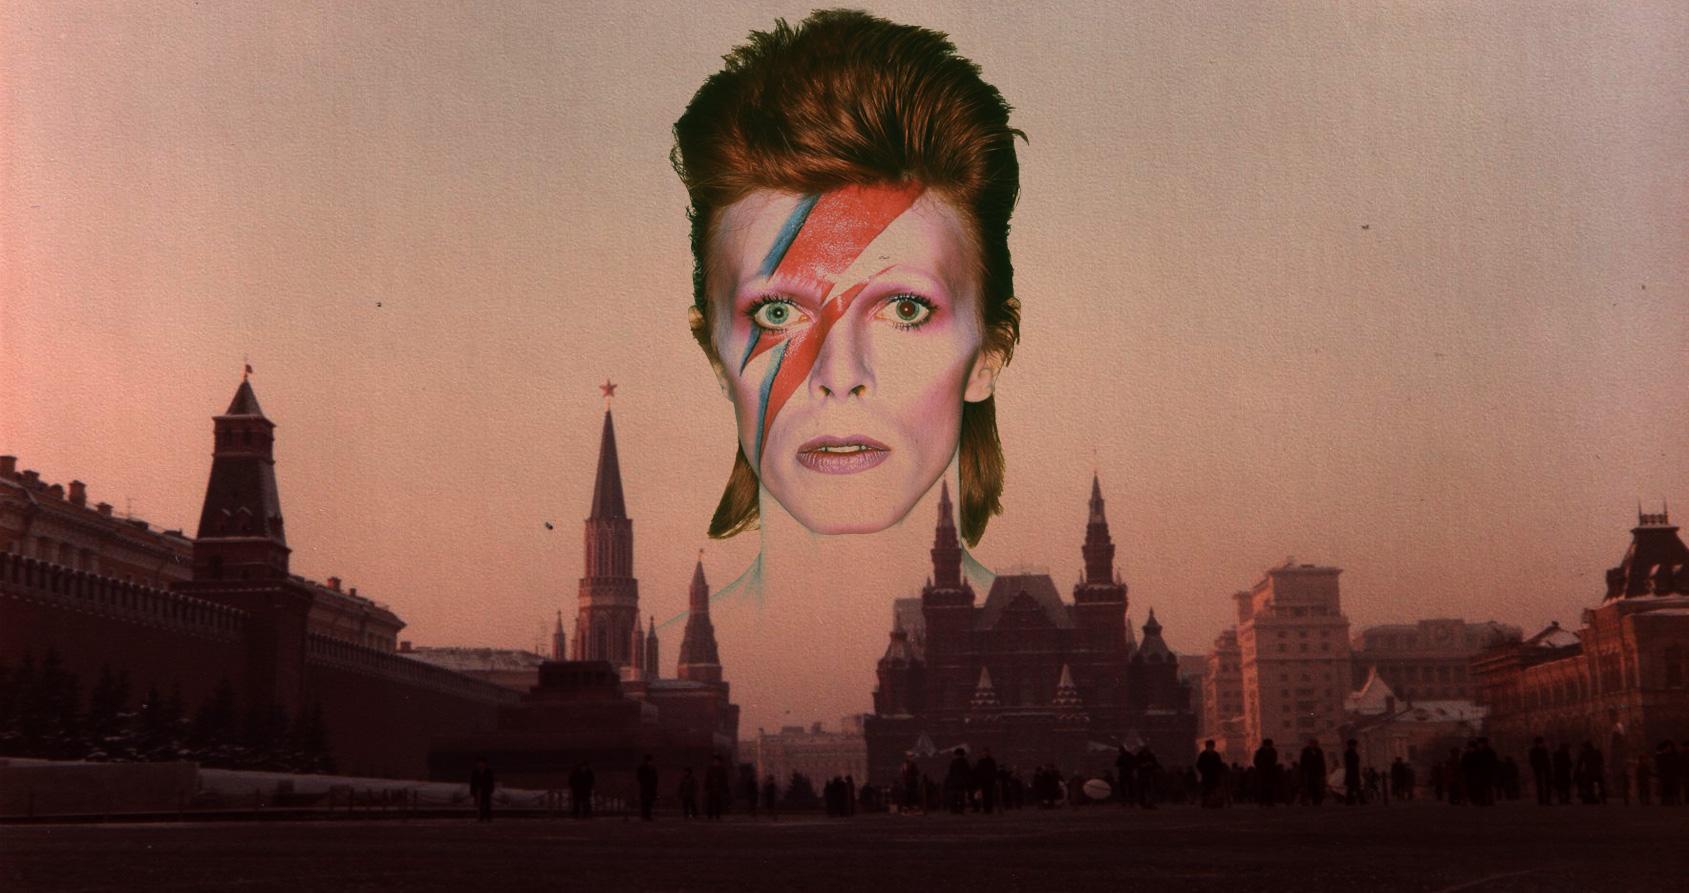 Pourquoi ces jeunes surréalistes russes haïssaient-ils David Bowie ?